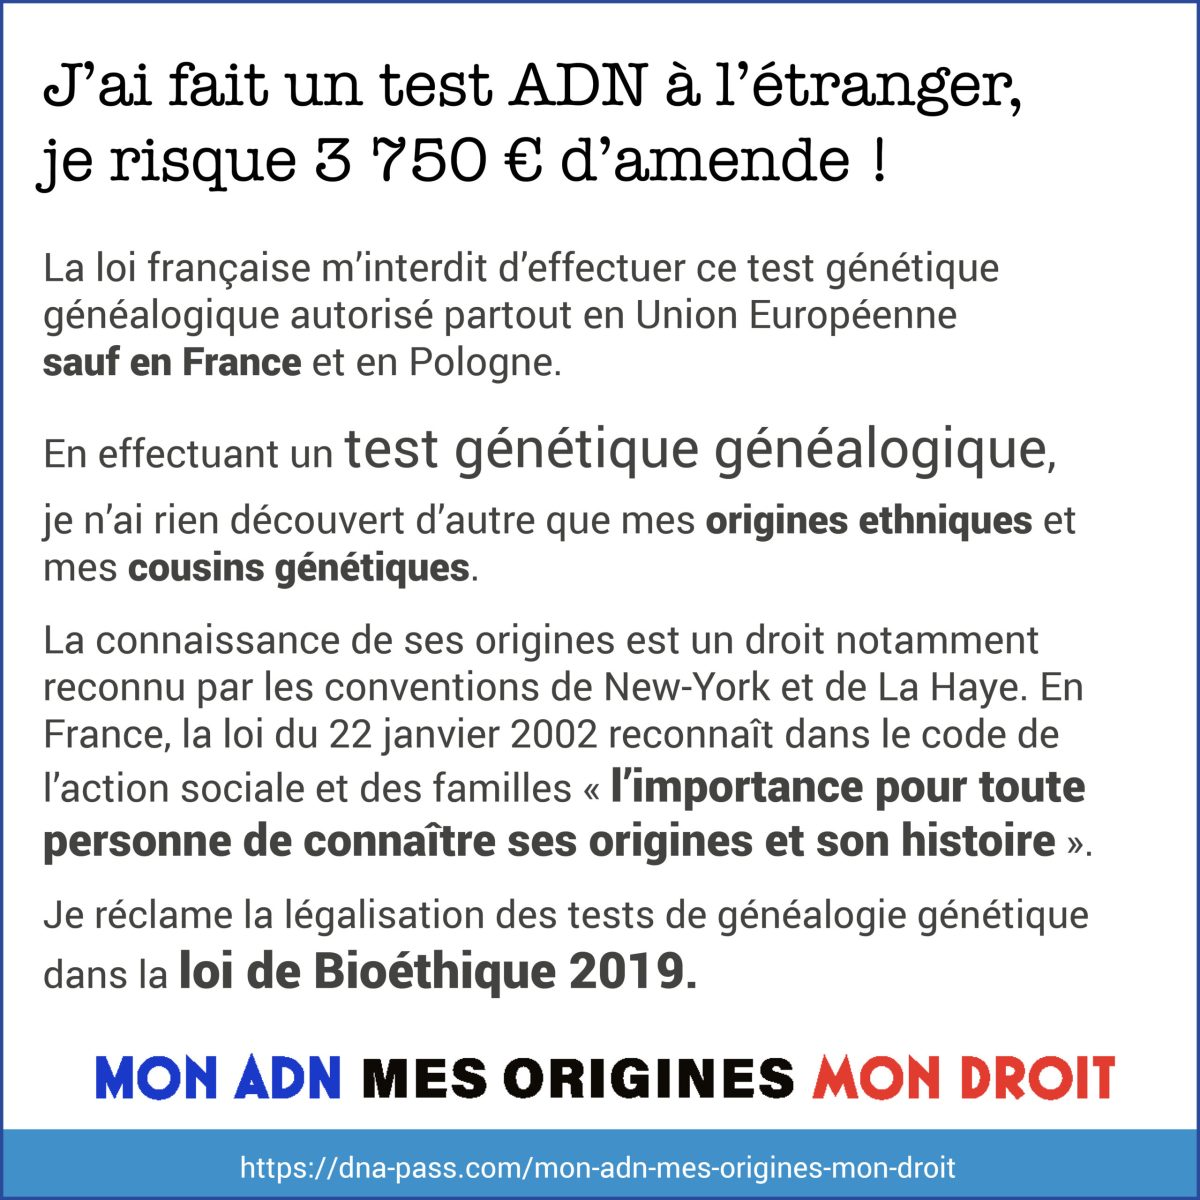 J'ai fait un test ADN à l'étranger, je risque 3750 euros d'amende